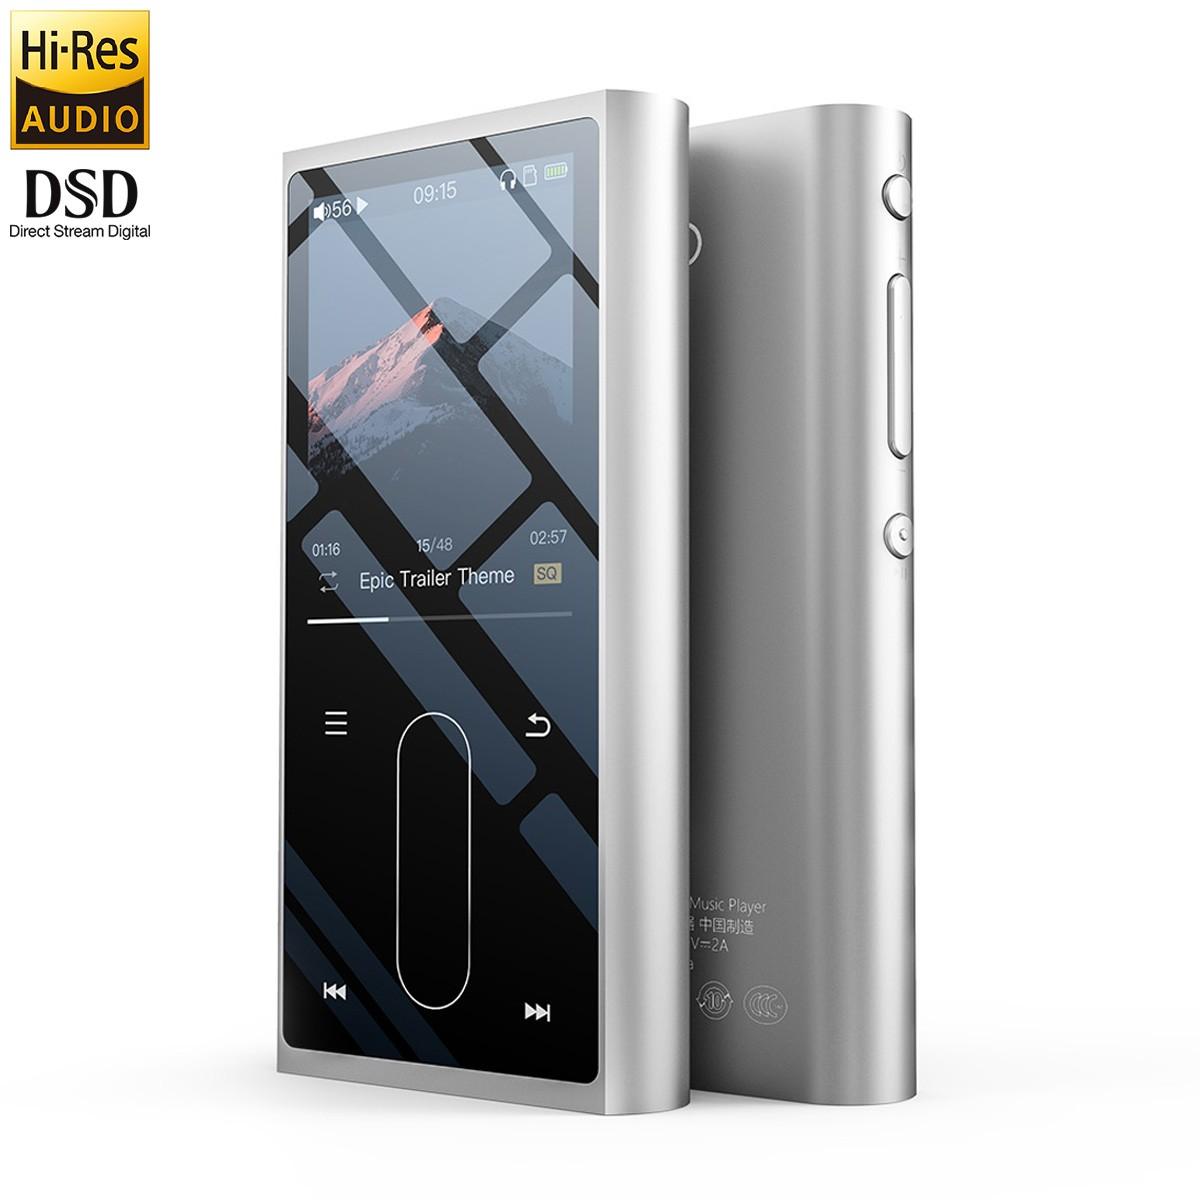 FIIO M3K DAP Digital Music Player HiFi DAC AK4376A Hi-Res 32bit 384kHz DSD64 Silver